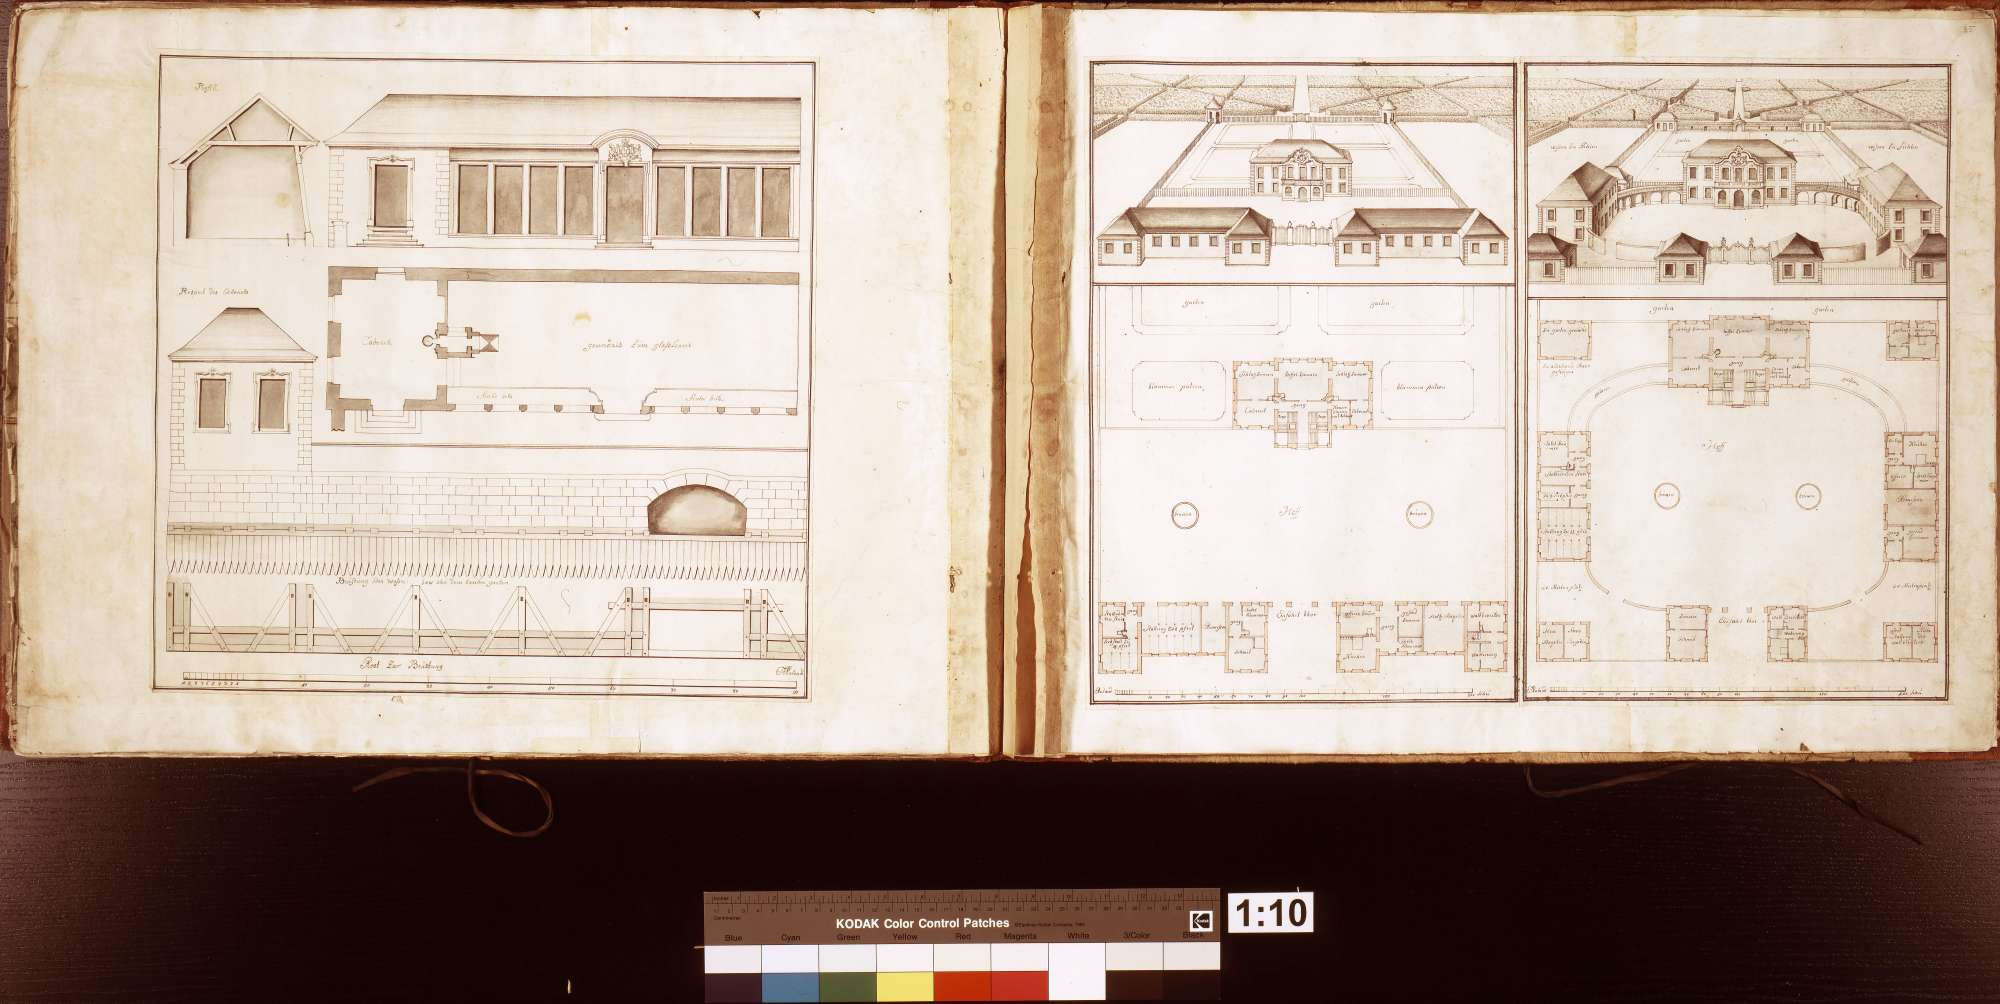 [Entwurf eines Glashauses für die Orangerie des Taubergartens in Wertheim], S. 34 linke Seite